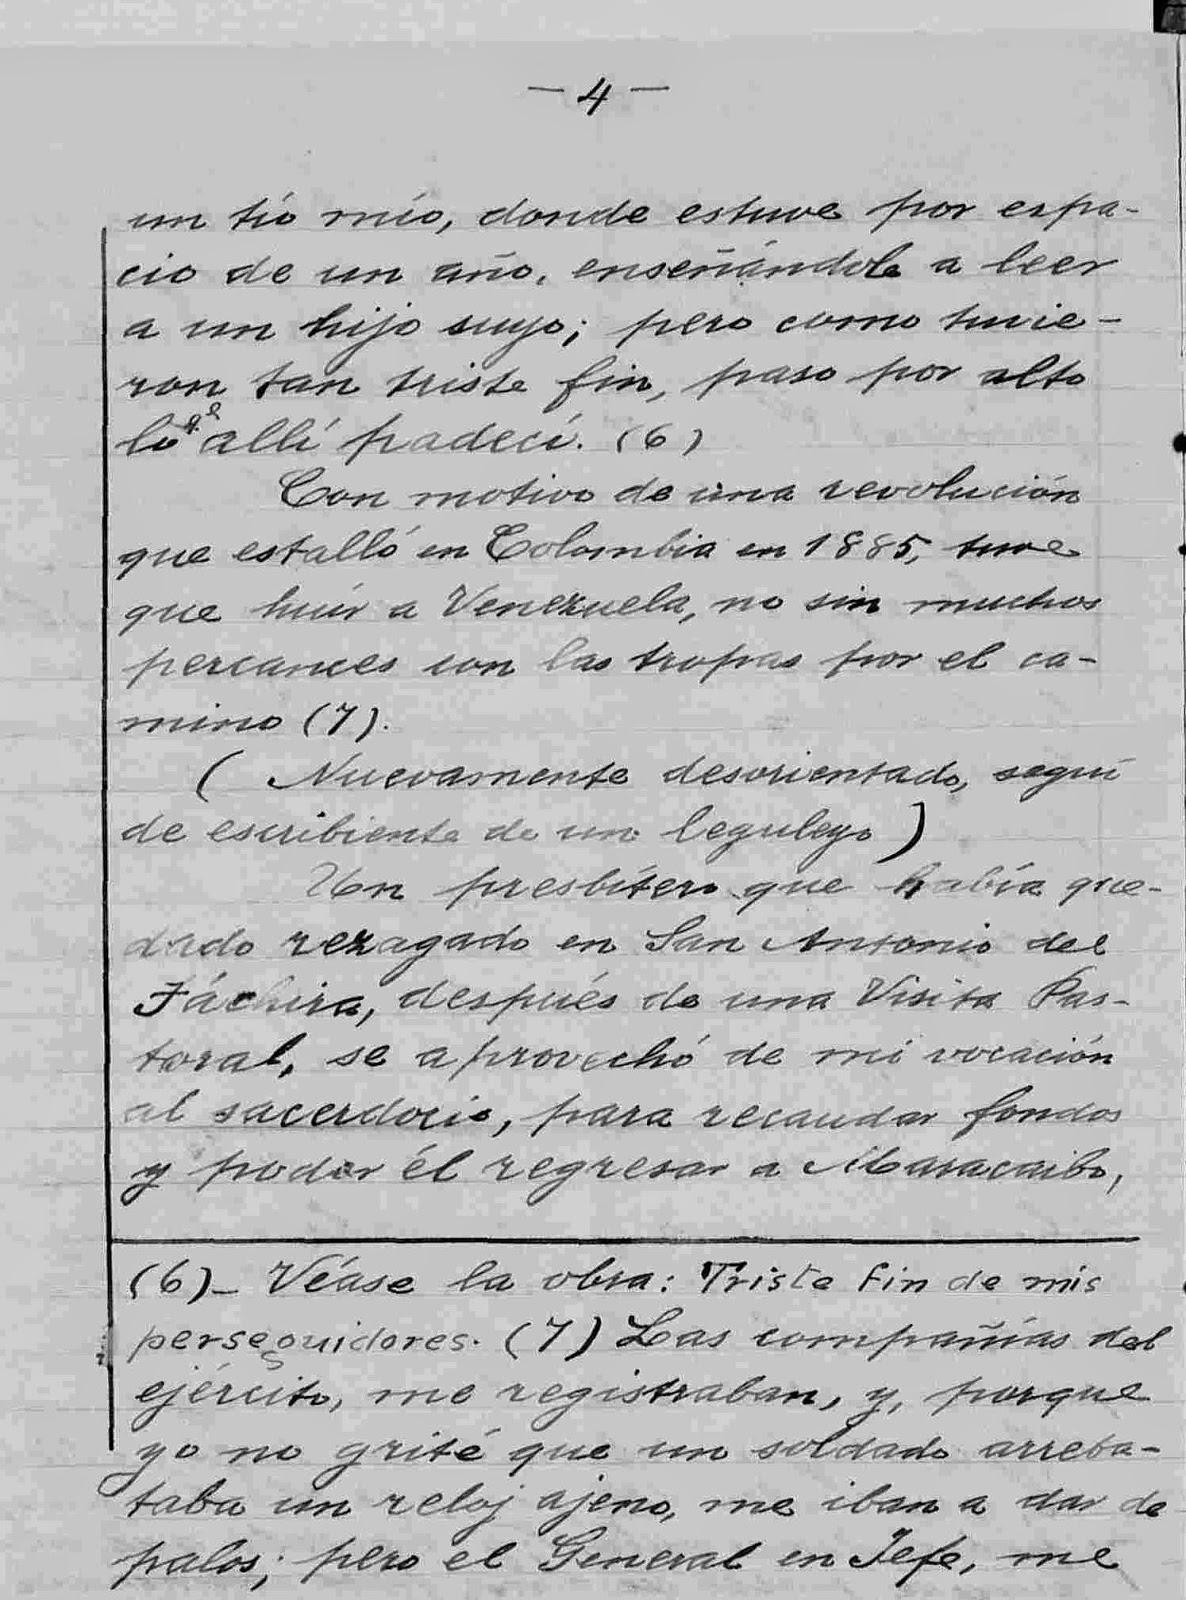 página 4 del manuscrito